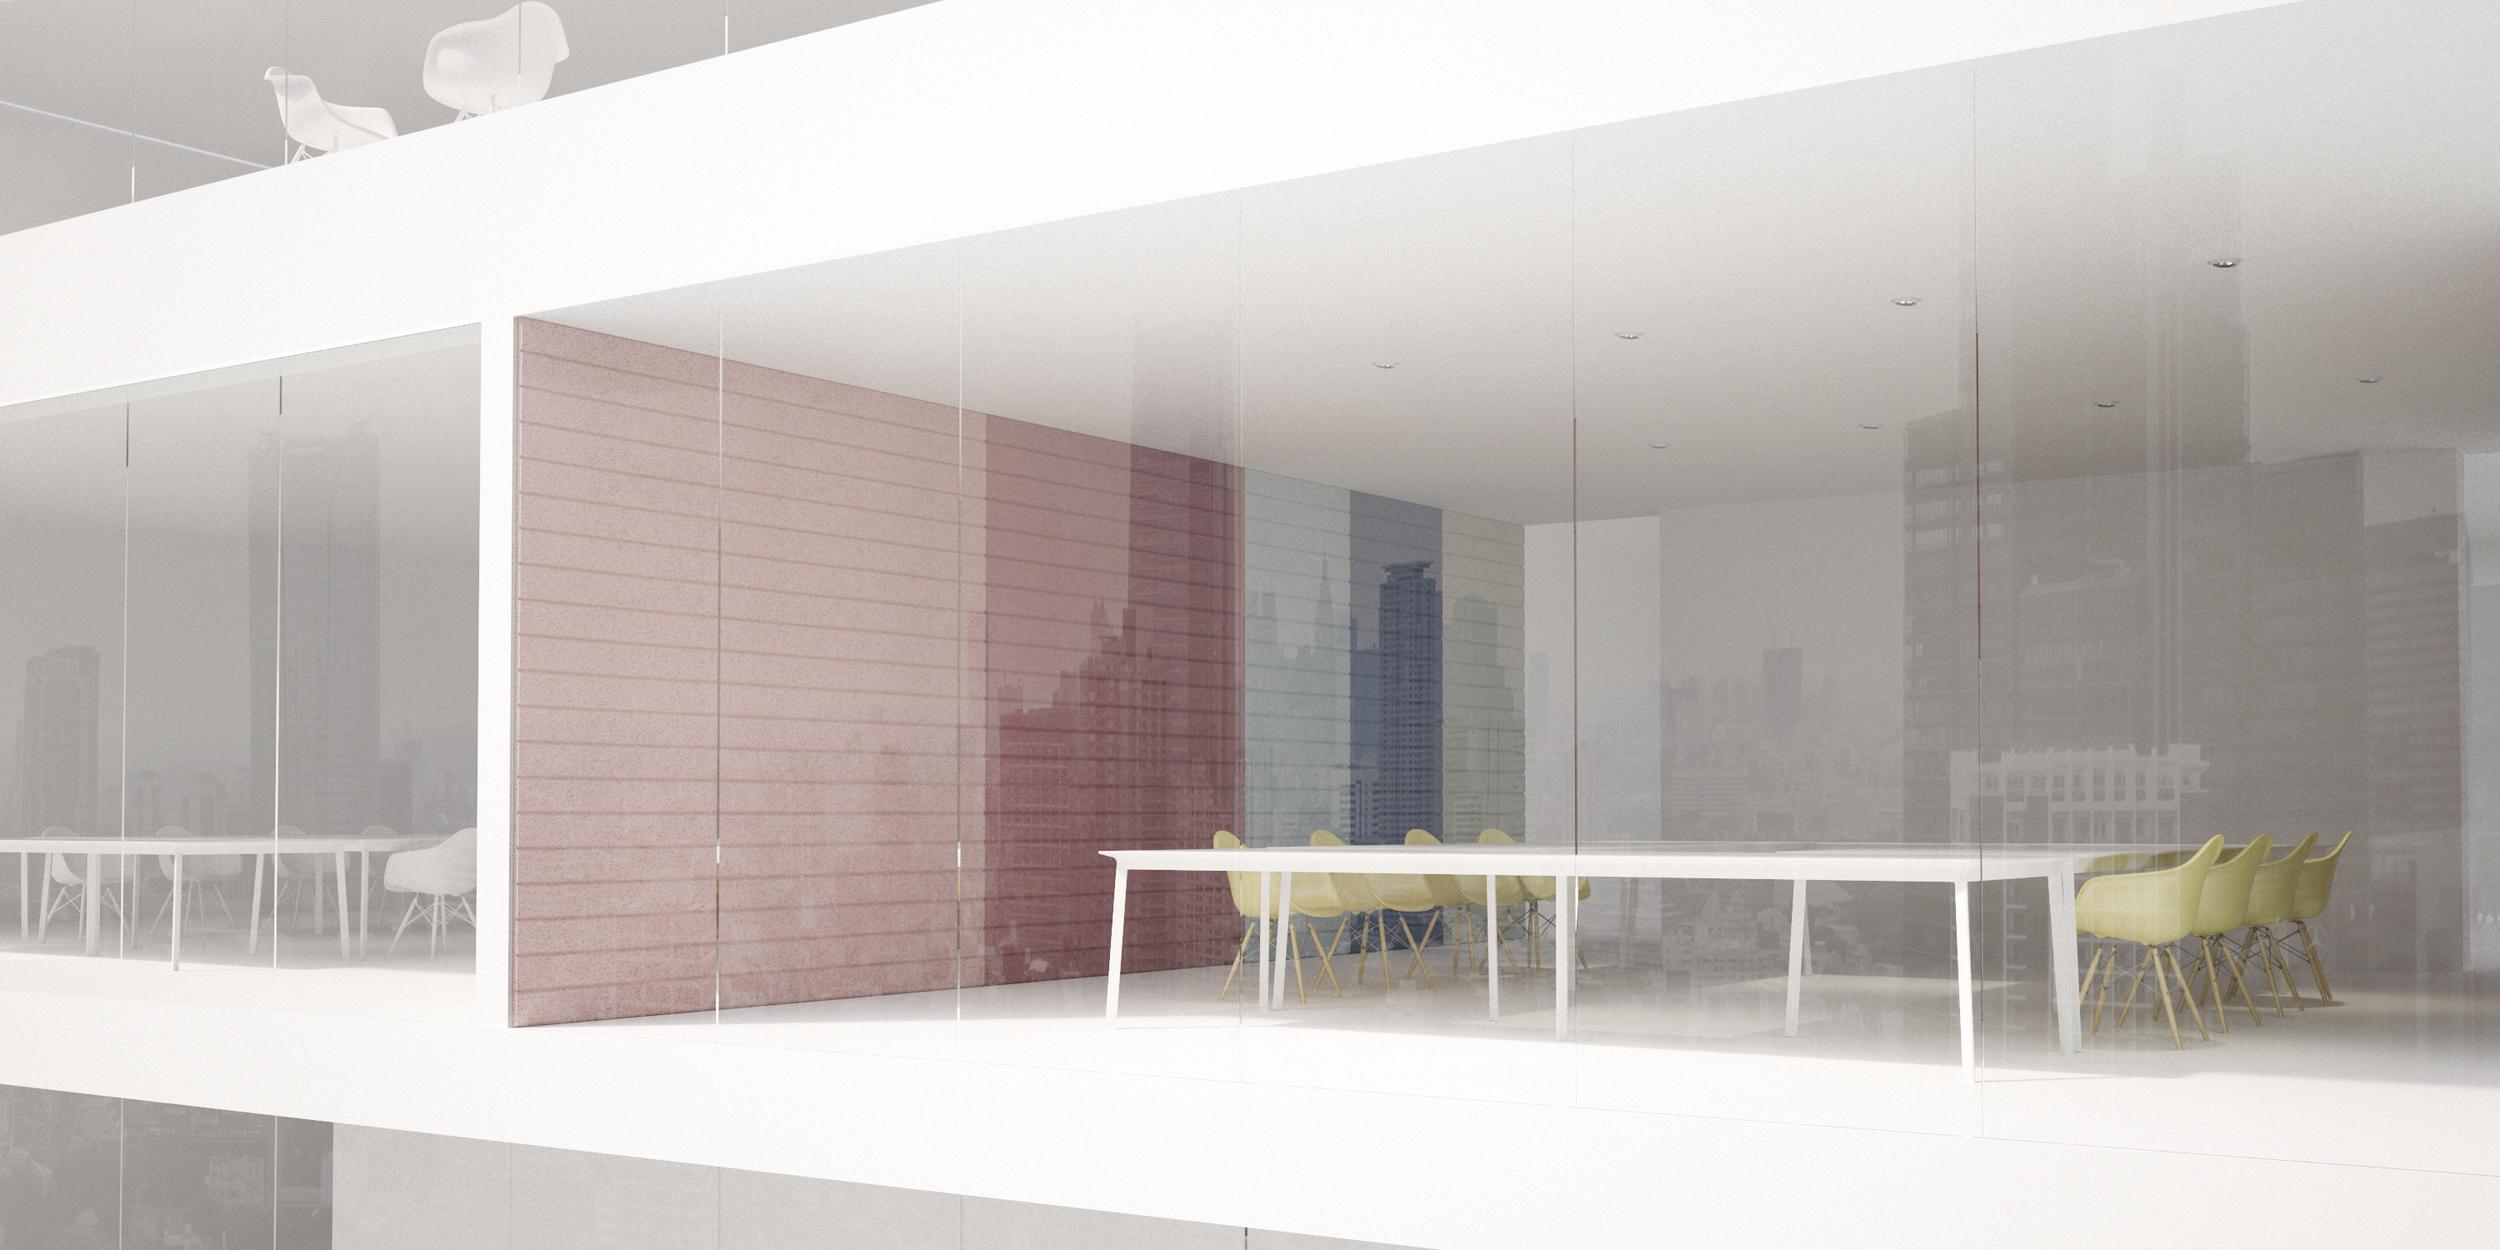 BAUX_meeting room set 2.jpg